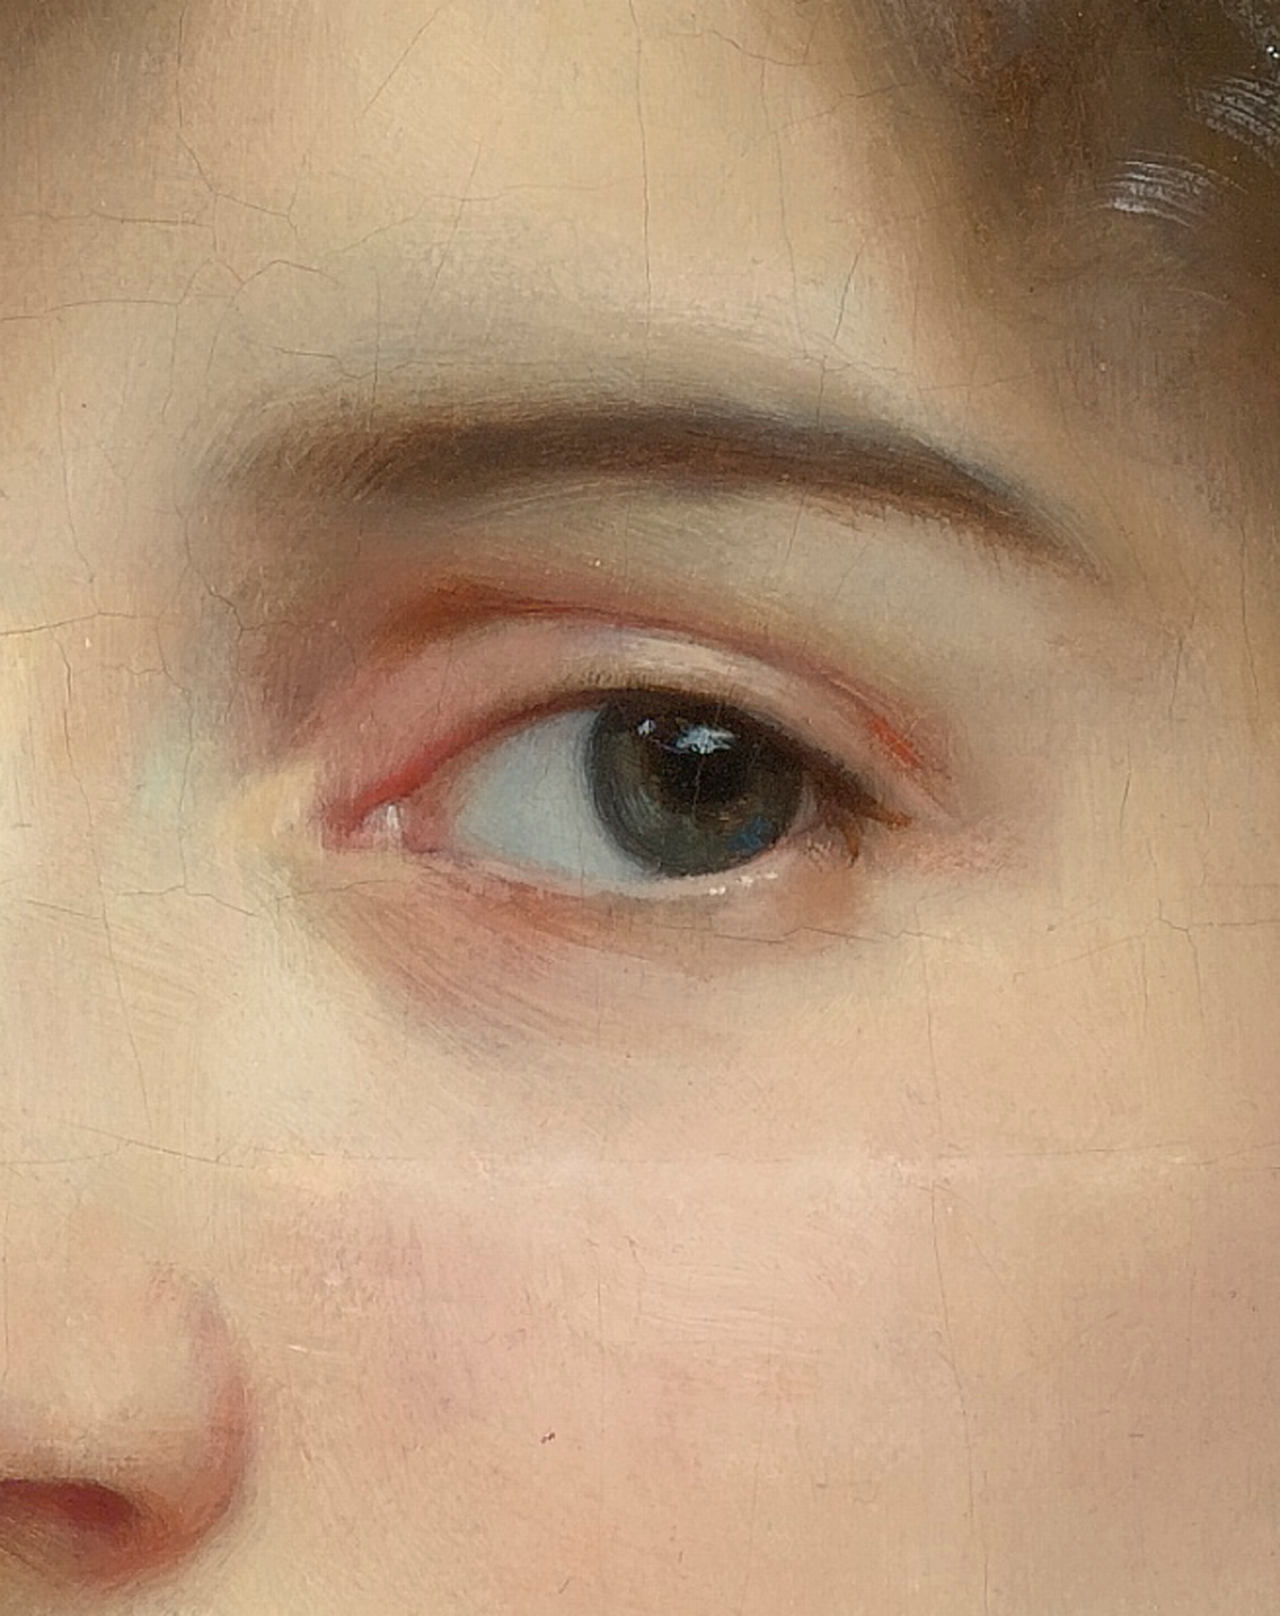 greuze:William Adolphe Bouguereau, Portrait of Gabrielle Cot (Detail), 1890